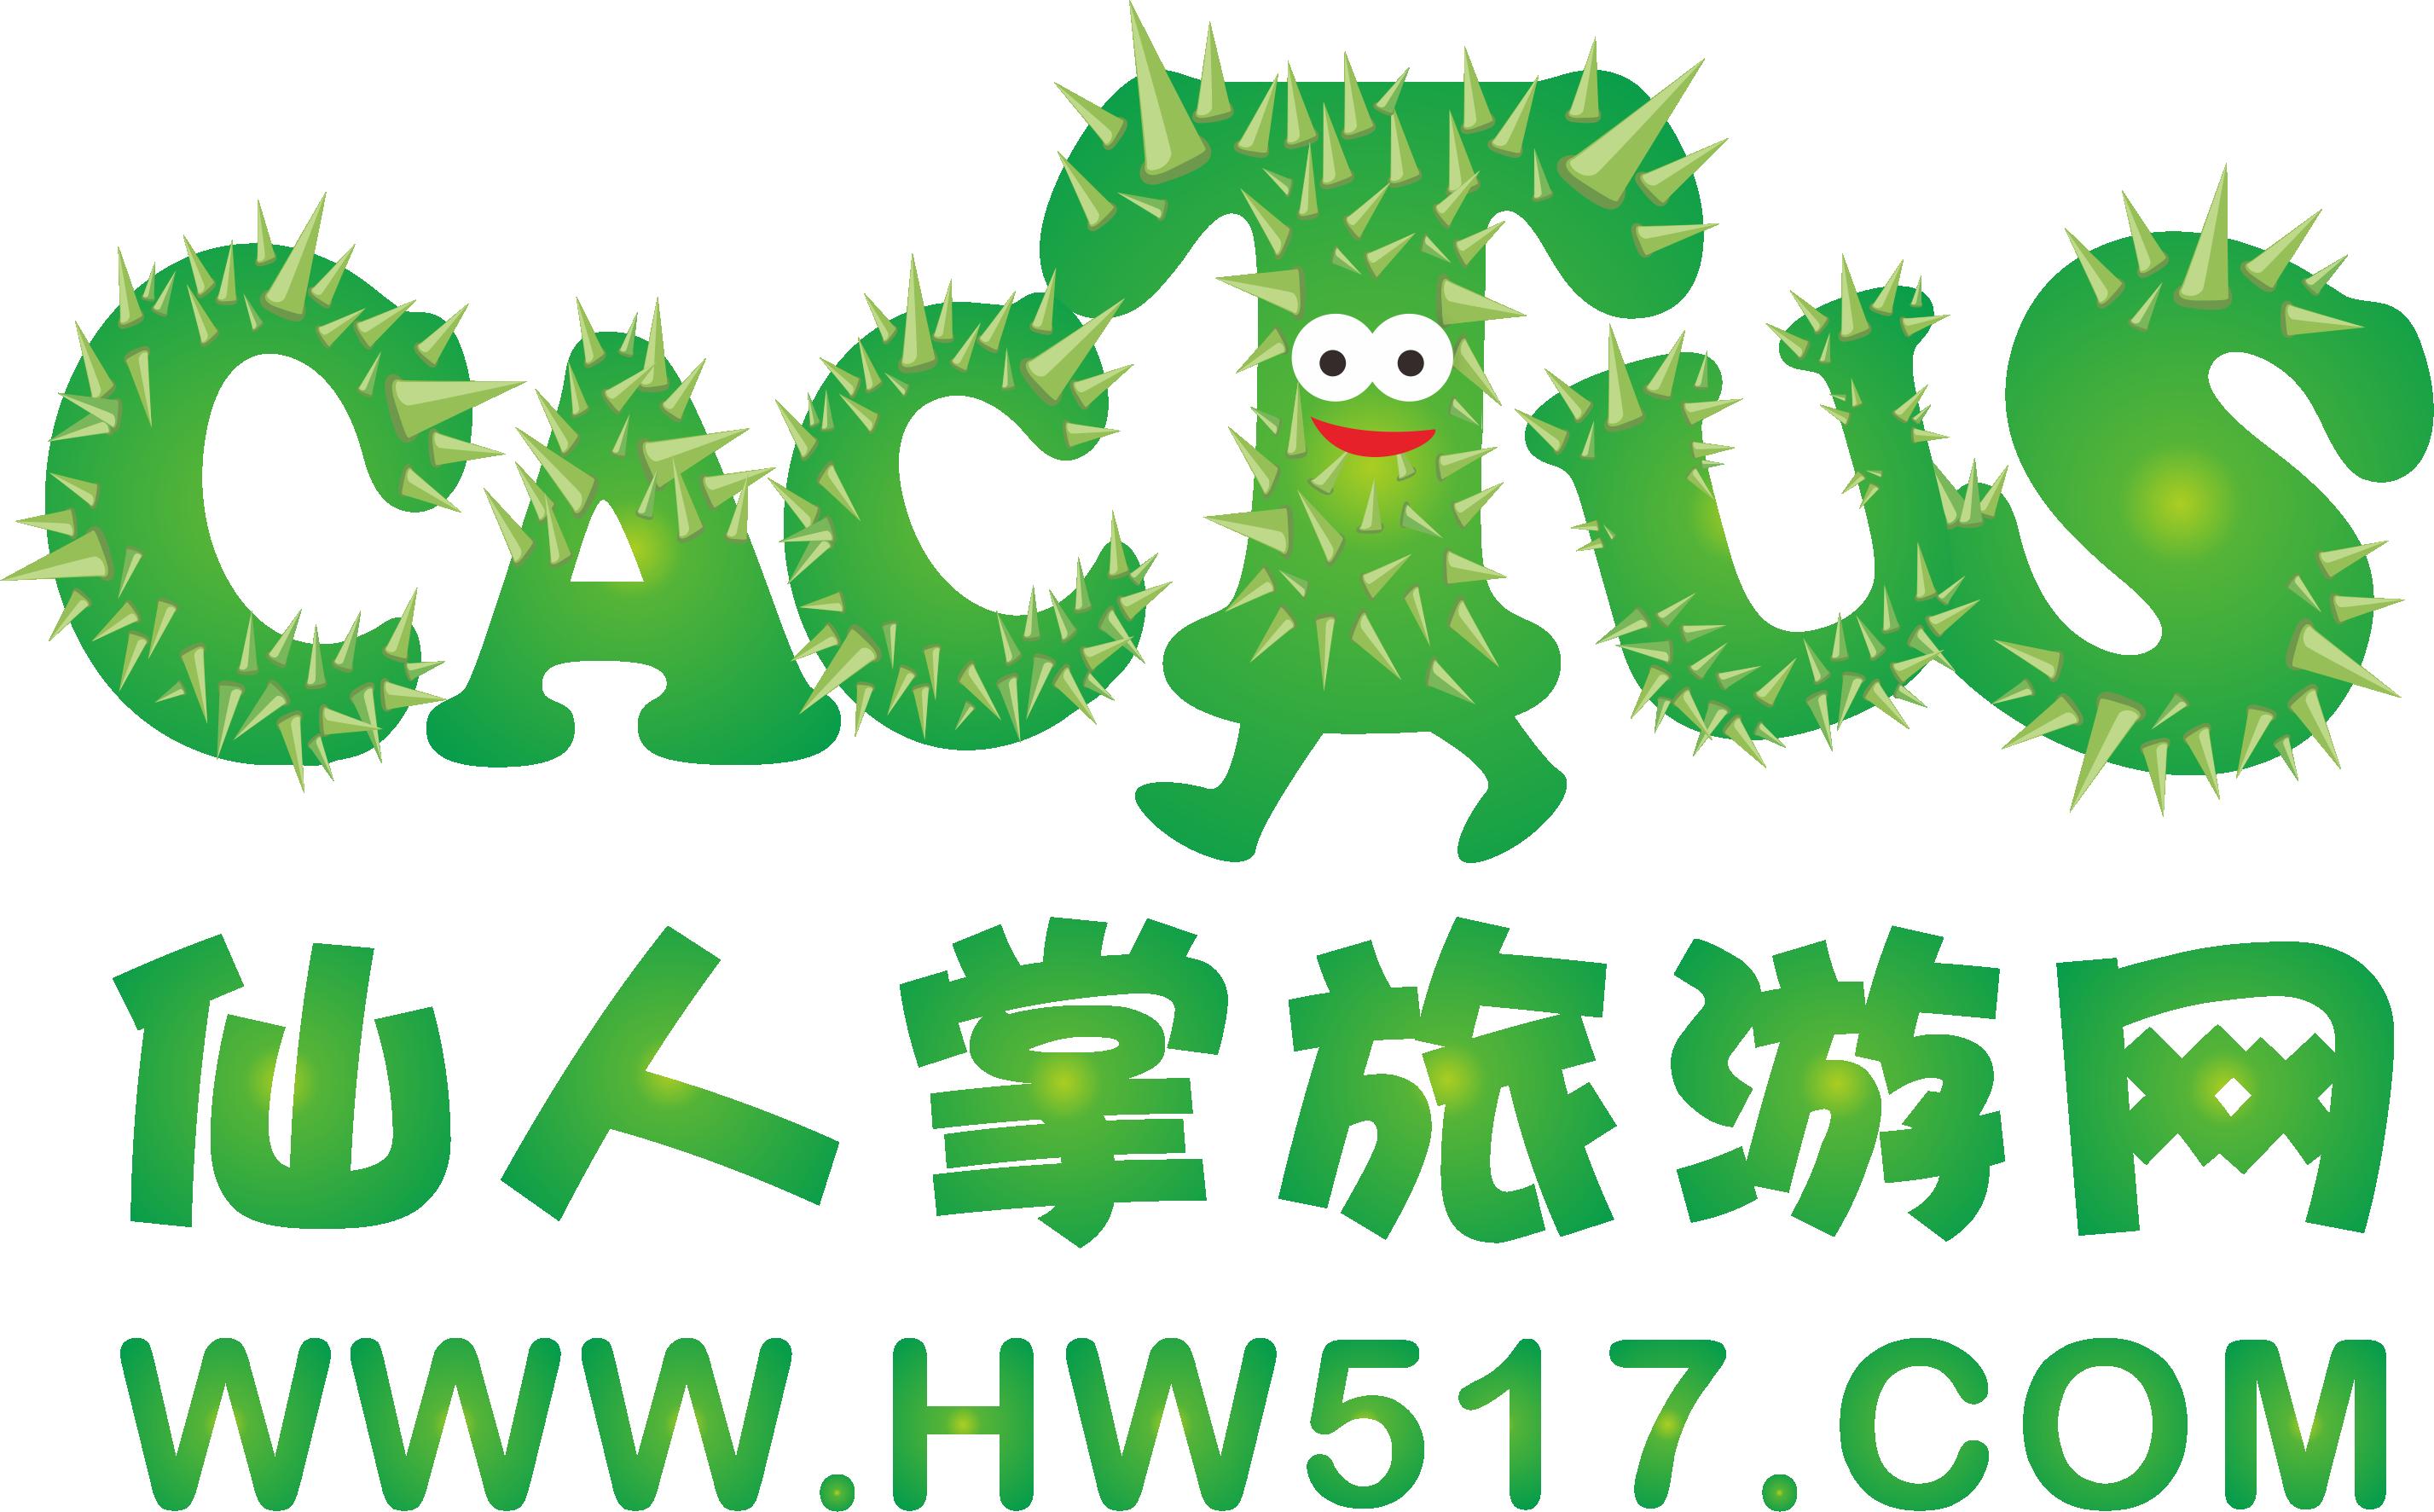 【仙人掌旅游】宁波杭州湾海底温泉世界、湿地公园秋景一日游